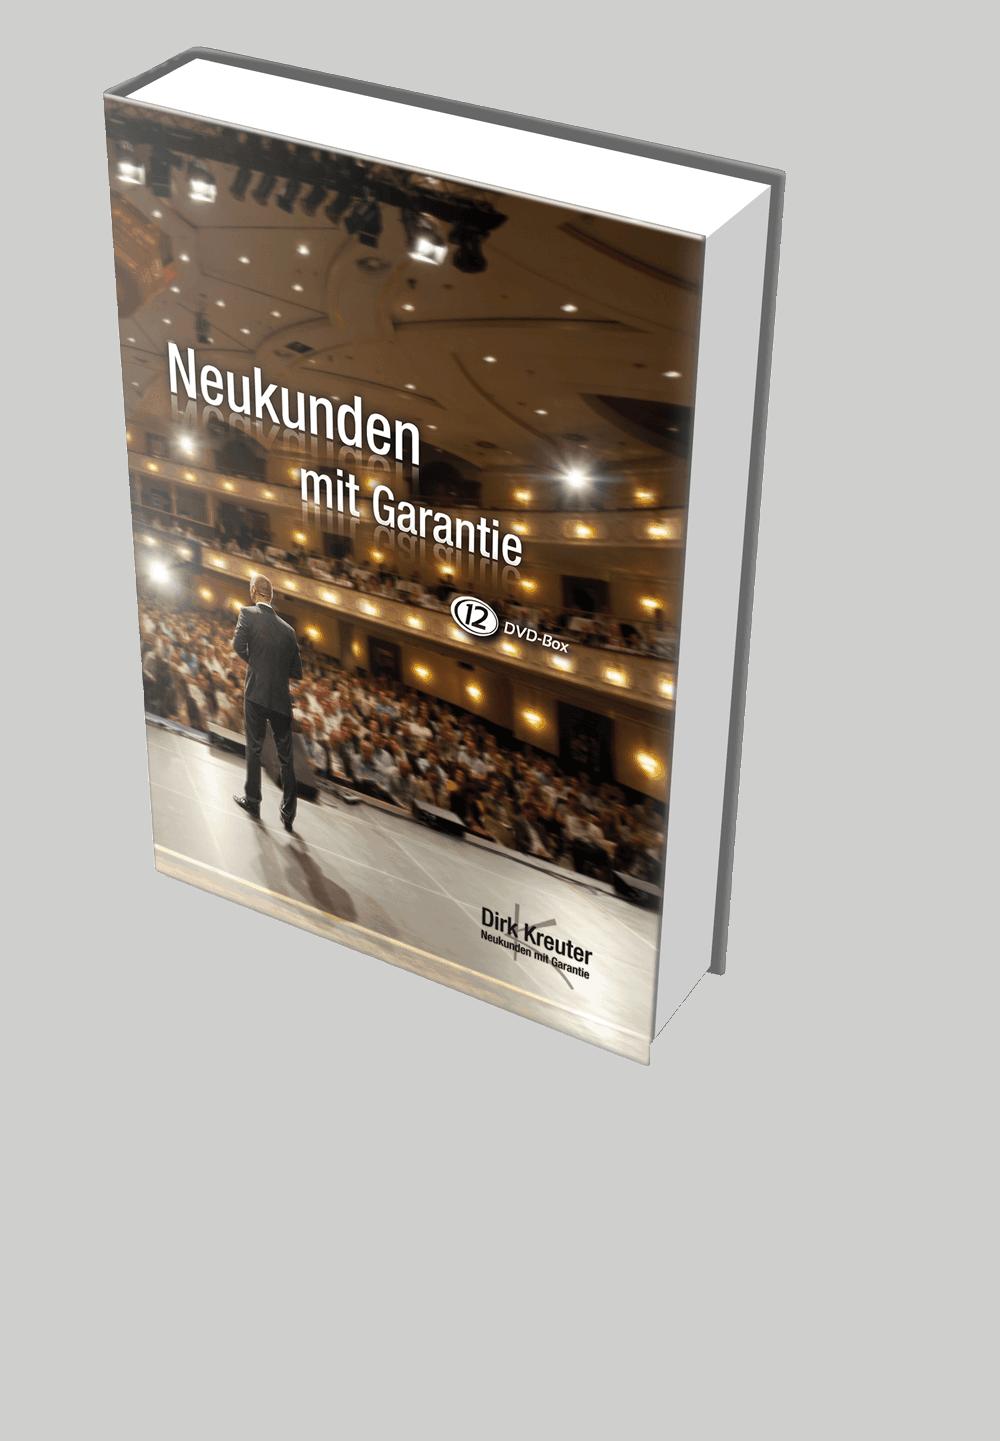 DVD-Box- Neukunden mit Garantie von Dirk Kreuter erfahrungen